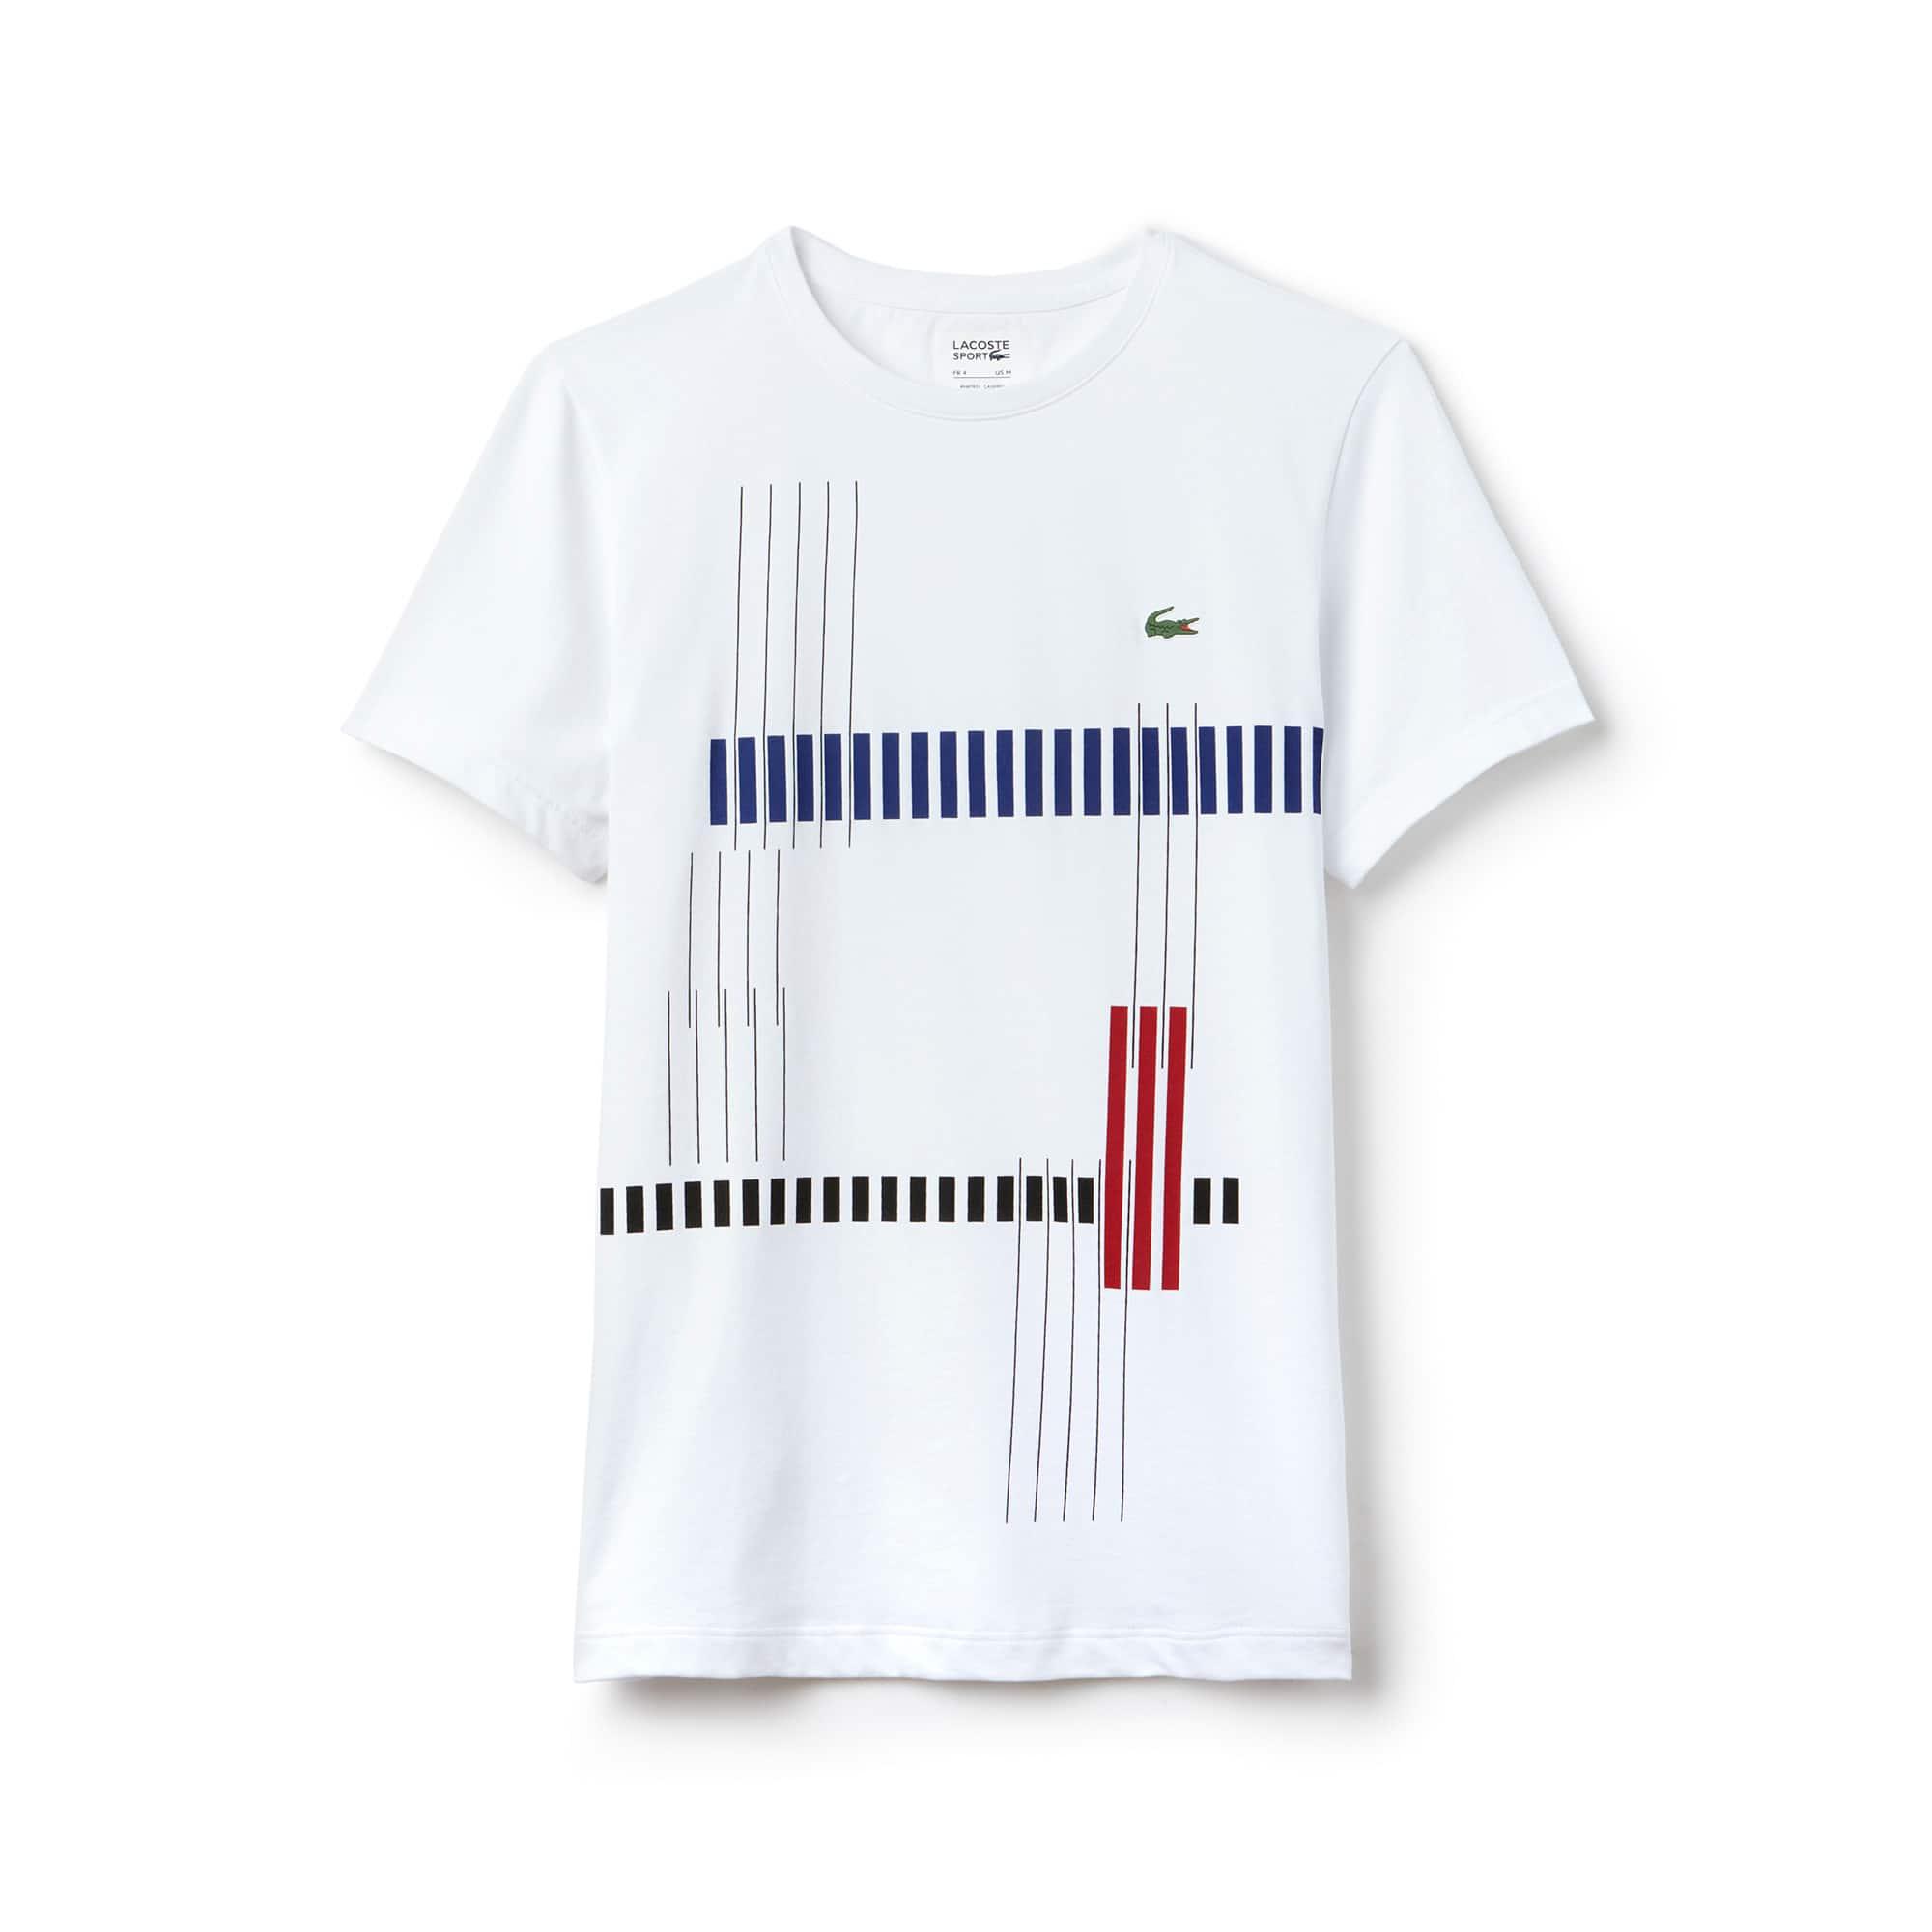 라코스테 Lacoste Mens SPORT Tennis Striped Design Tech Jersey T-shirt,white / navy blue / red / black